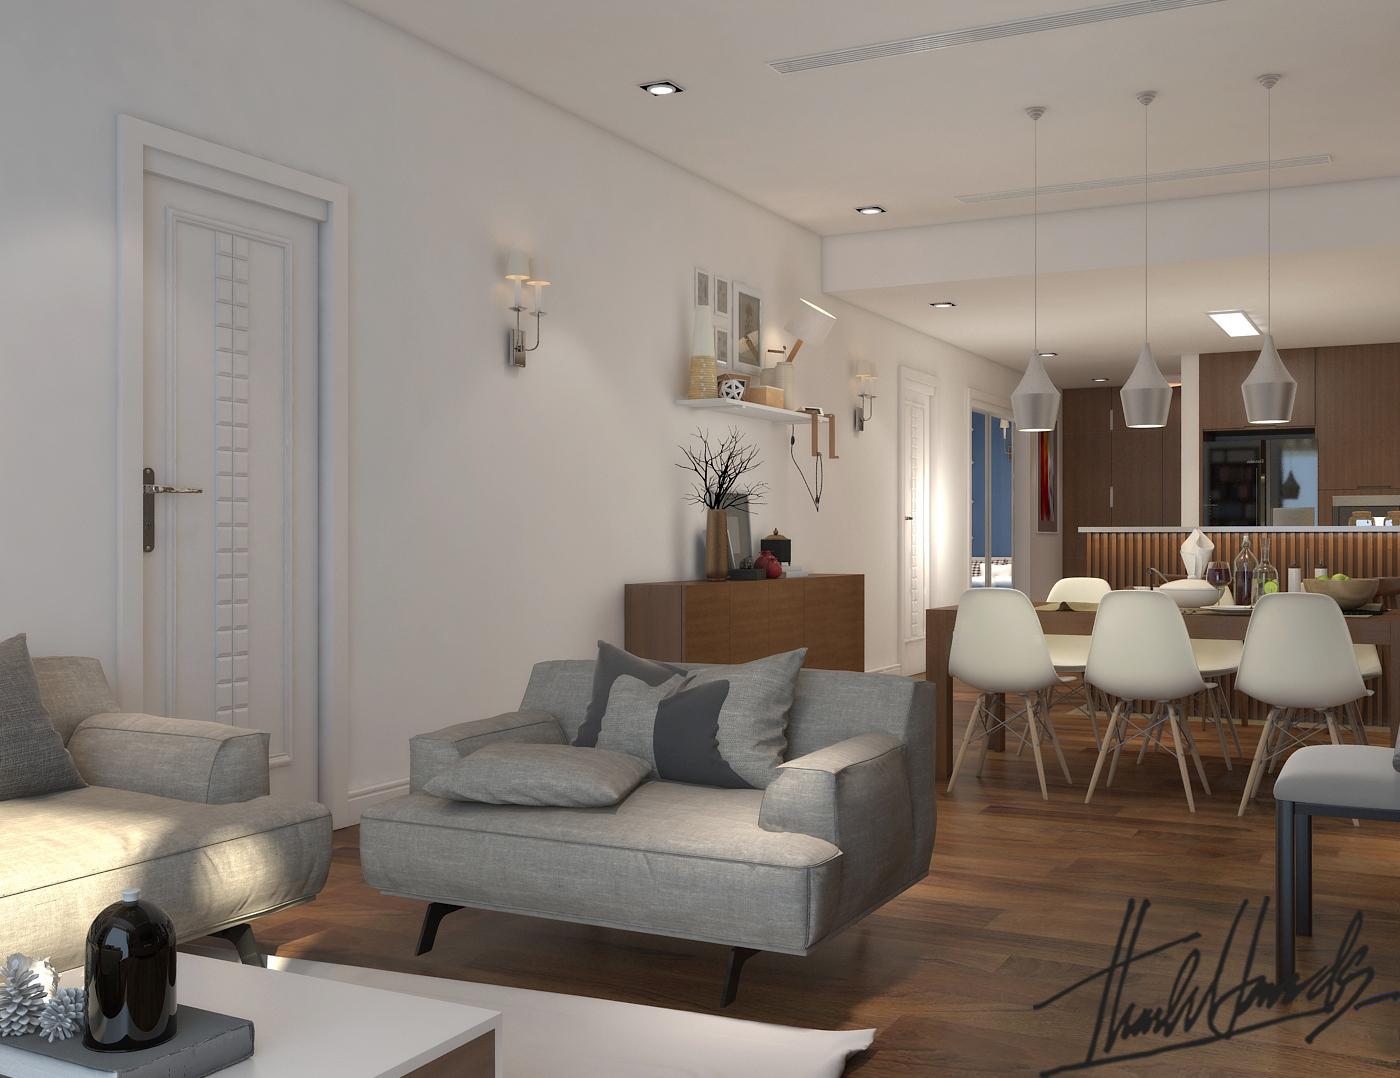 thiết kế nội thất chung cư tại Hà Nội chung cư roya city 6 1568274323